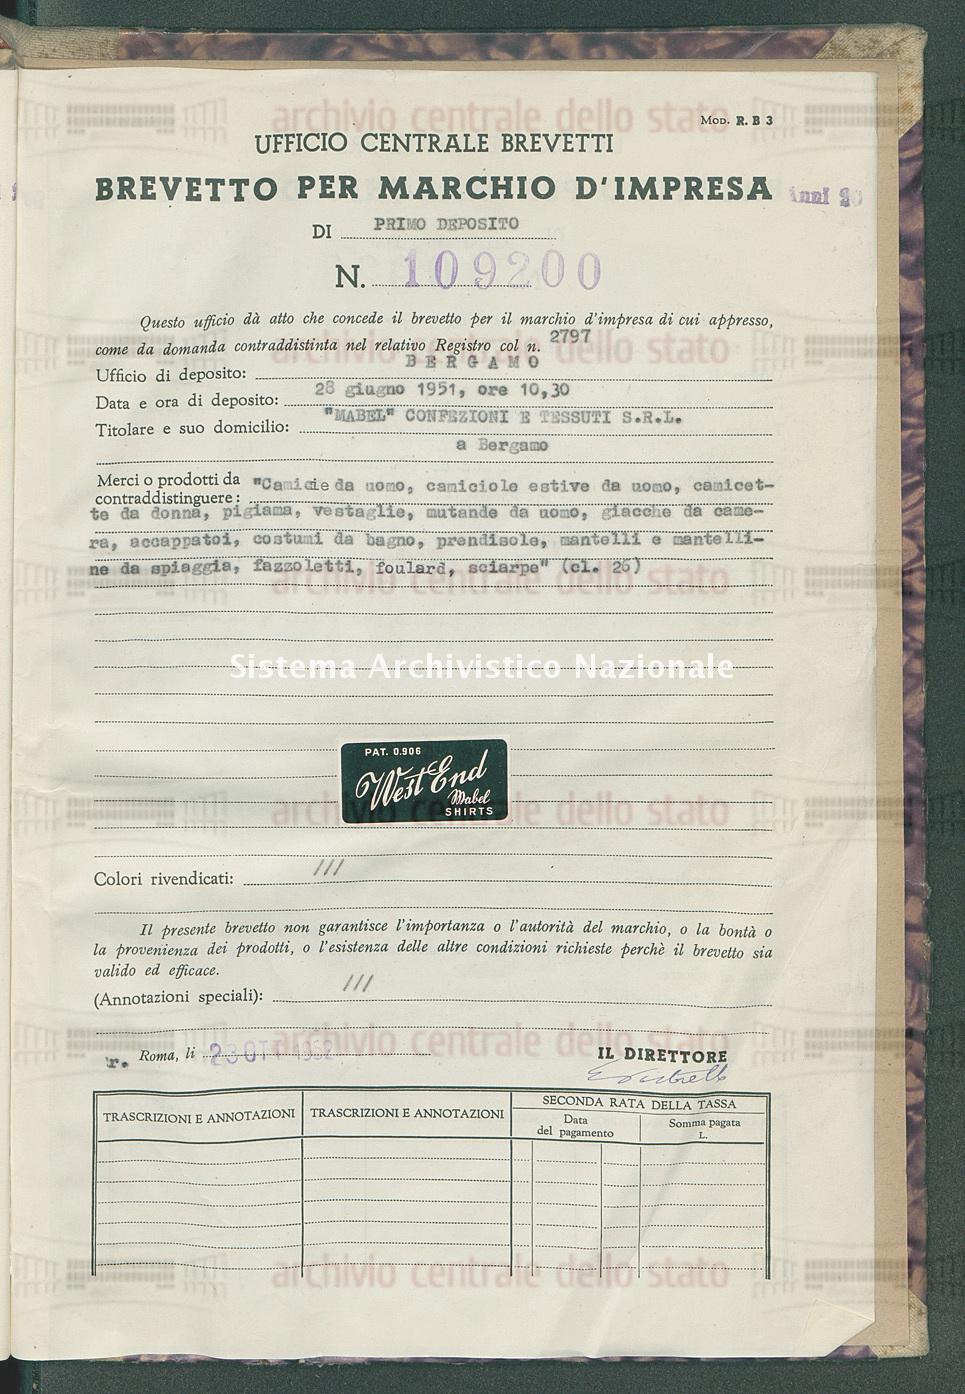 'Camicie da uomo, camiciole estive da uomo, camicette da donna ecc. 'Mabel' Confezioni E Tessuti S.R.L. (23/10/1952)